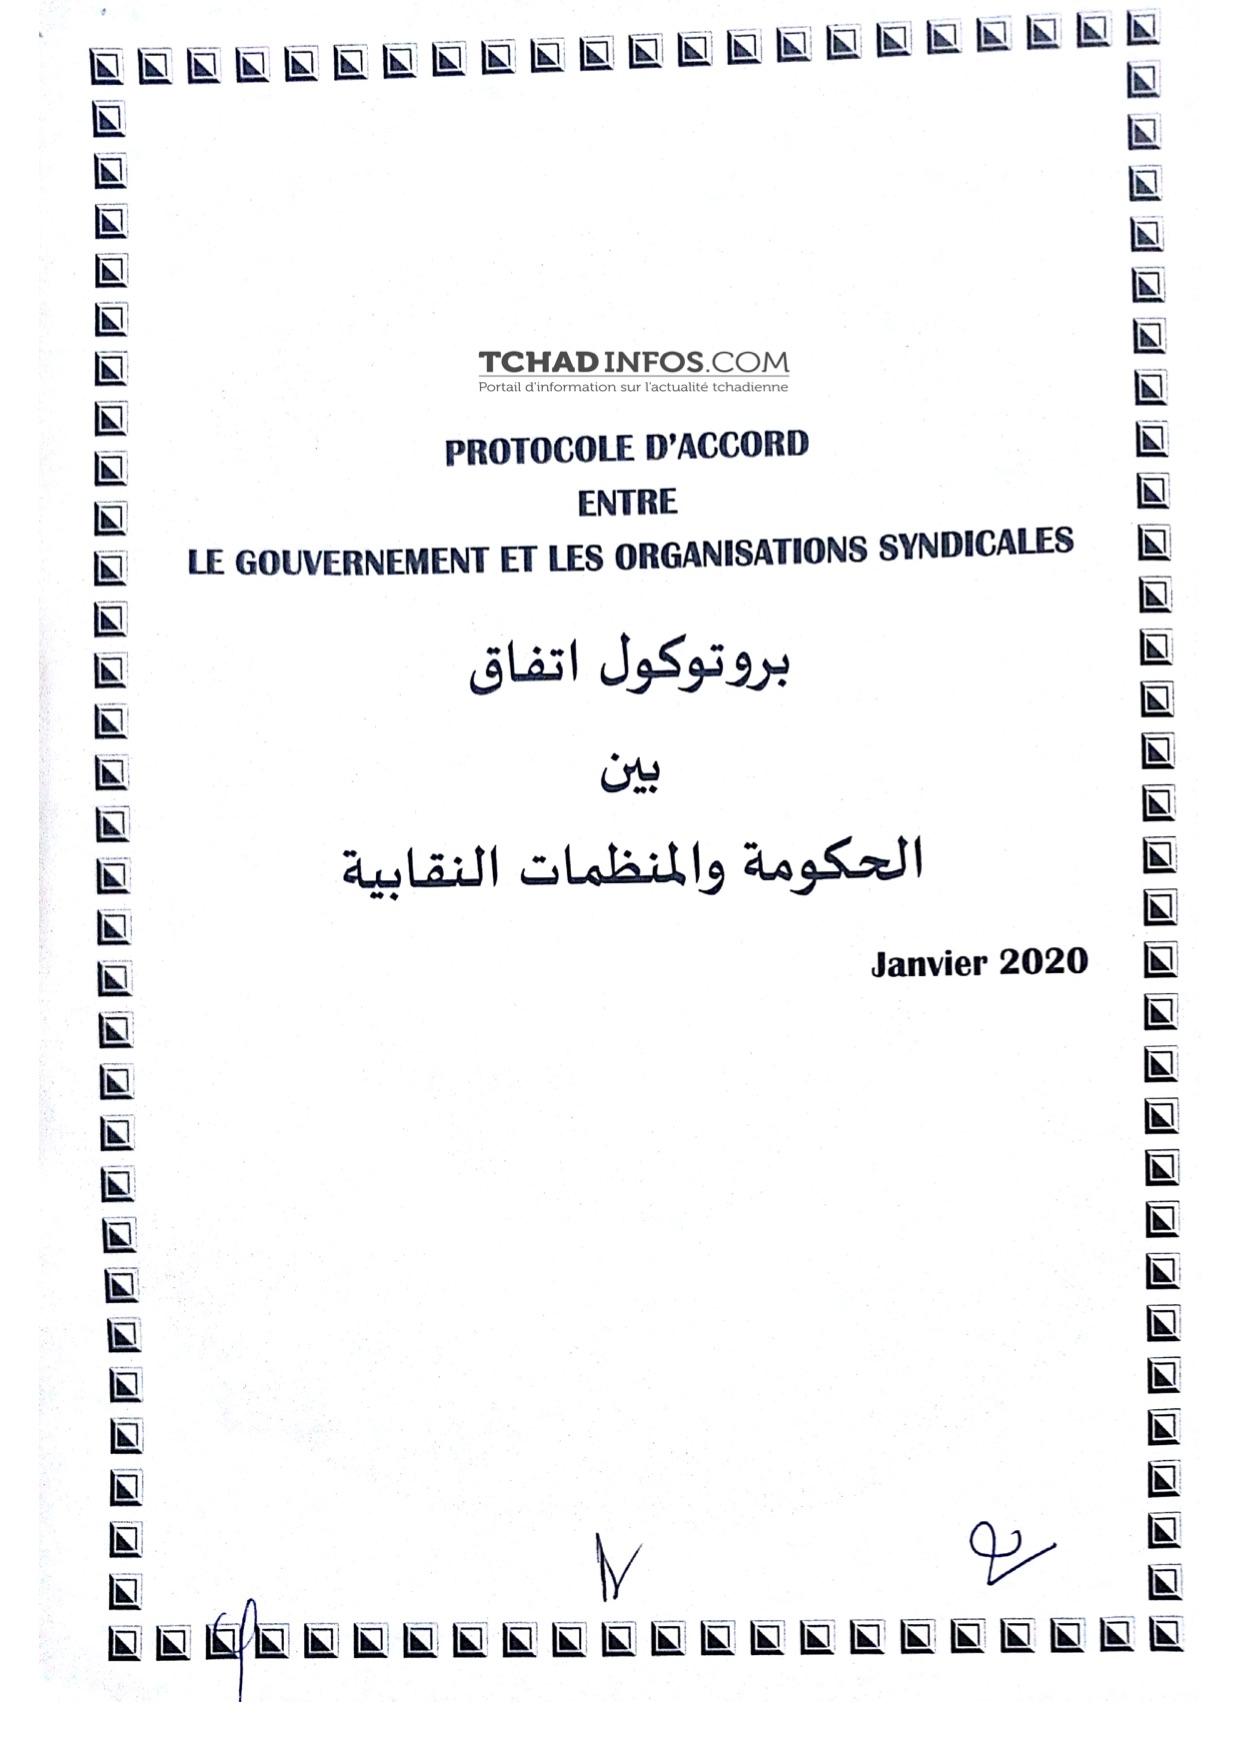 Voici le contenu de l'accord entre Gouvernement et Syndicats